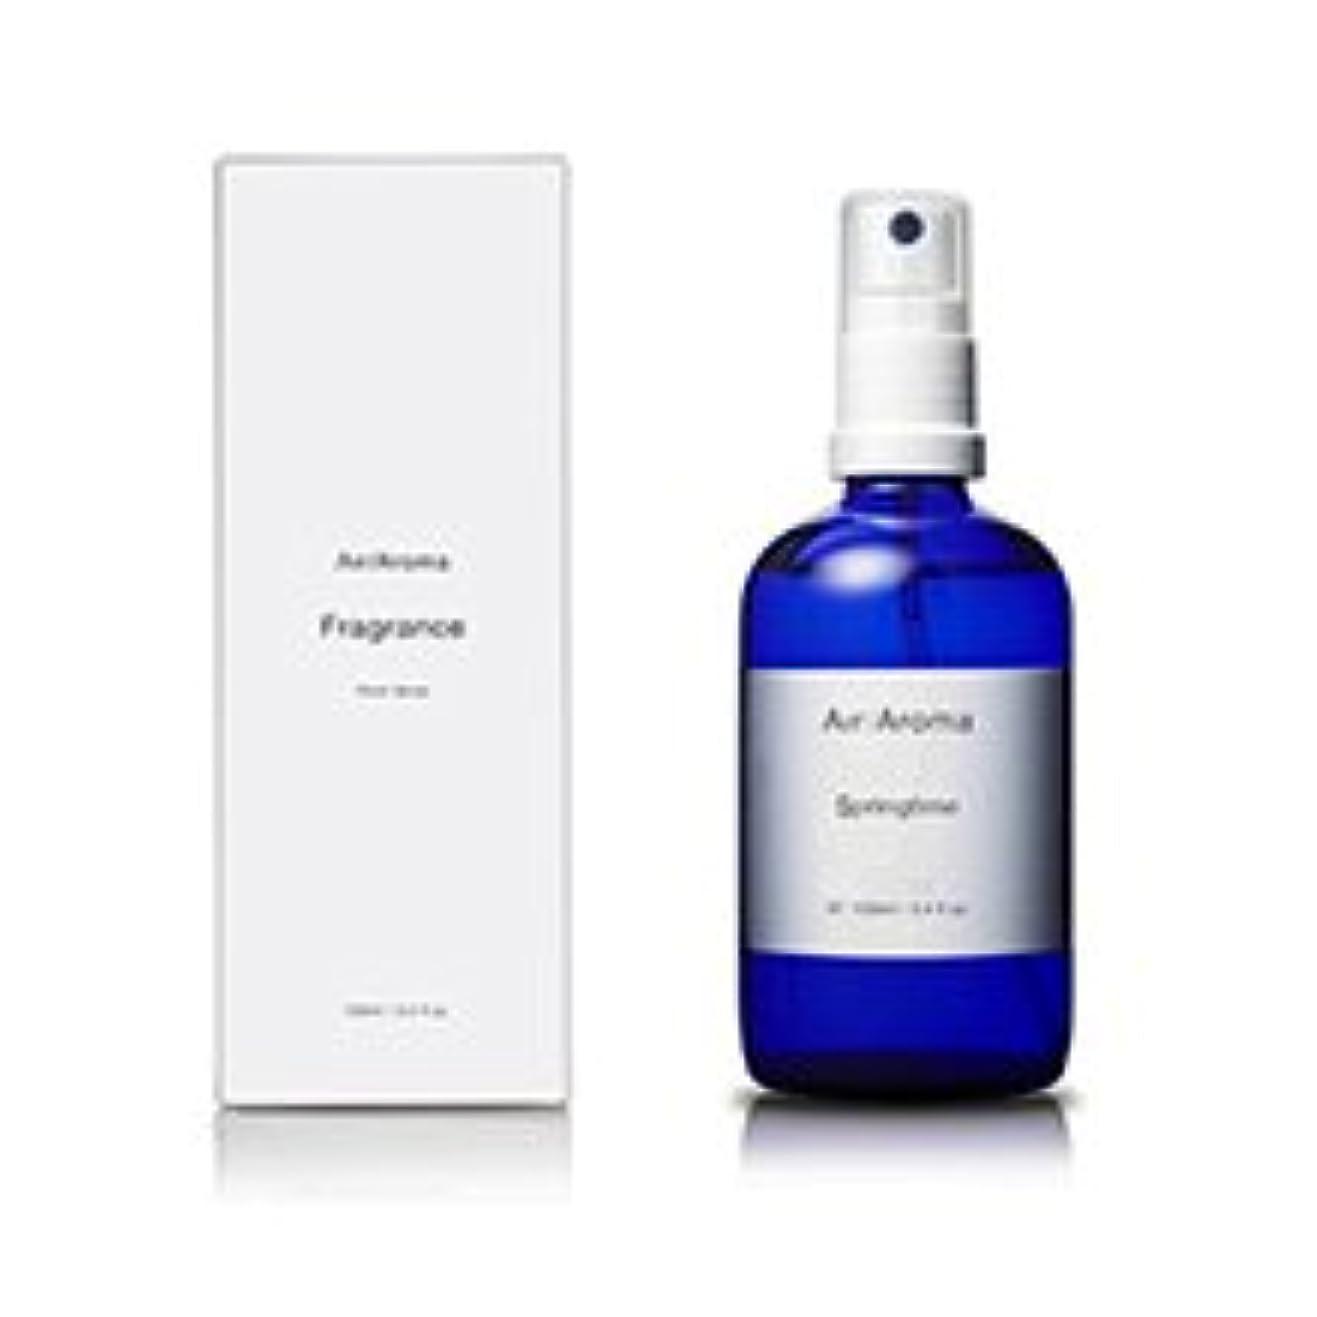 笑い六カメラエアアロマ springtime room fragrance(スプリングタイム ルームフレグランス)100ml